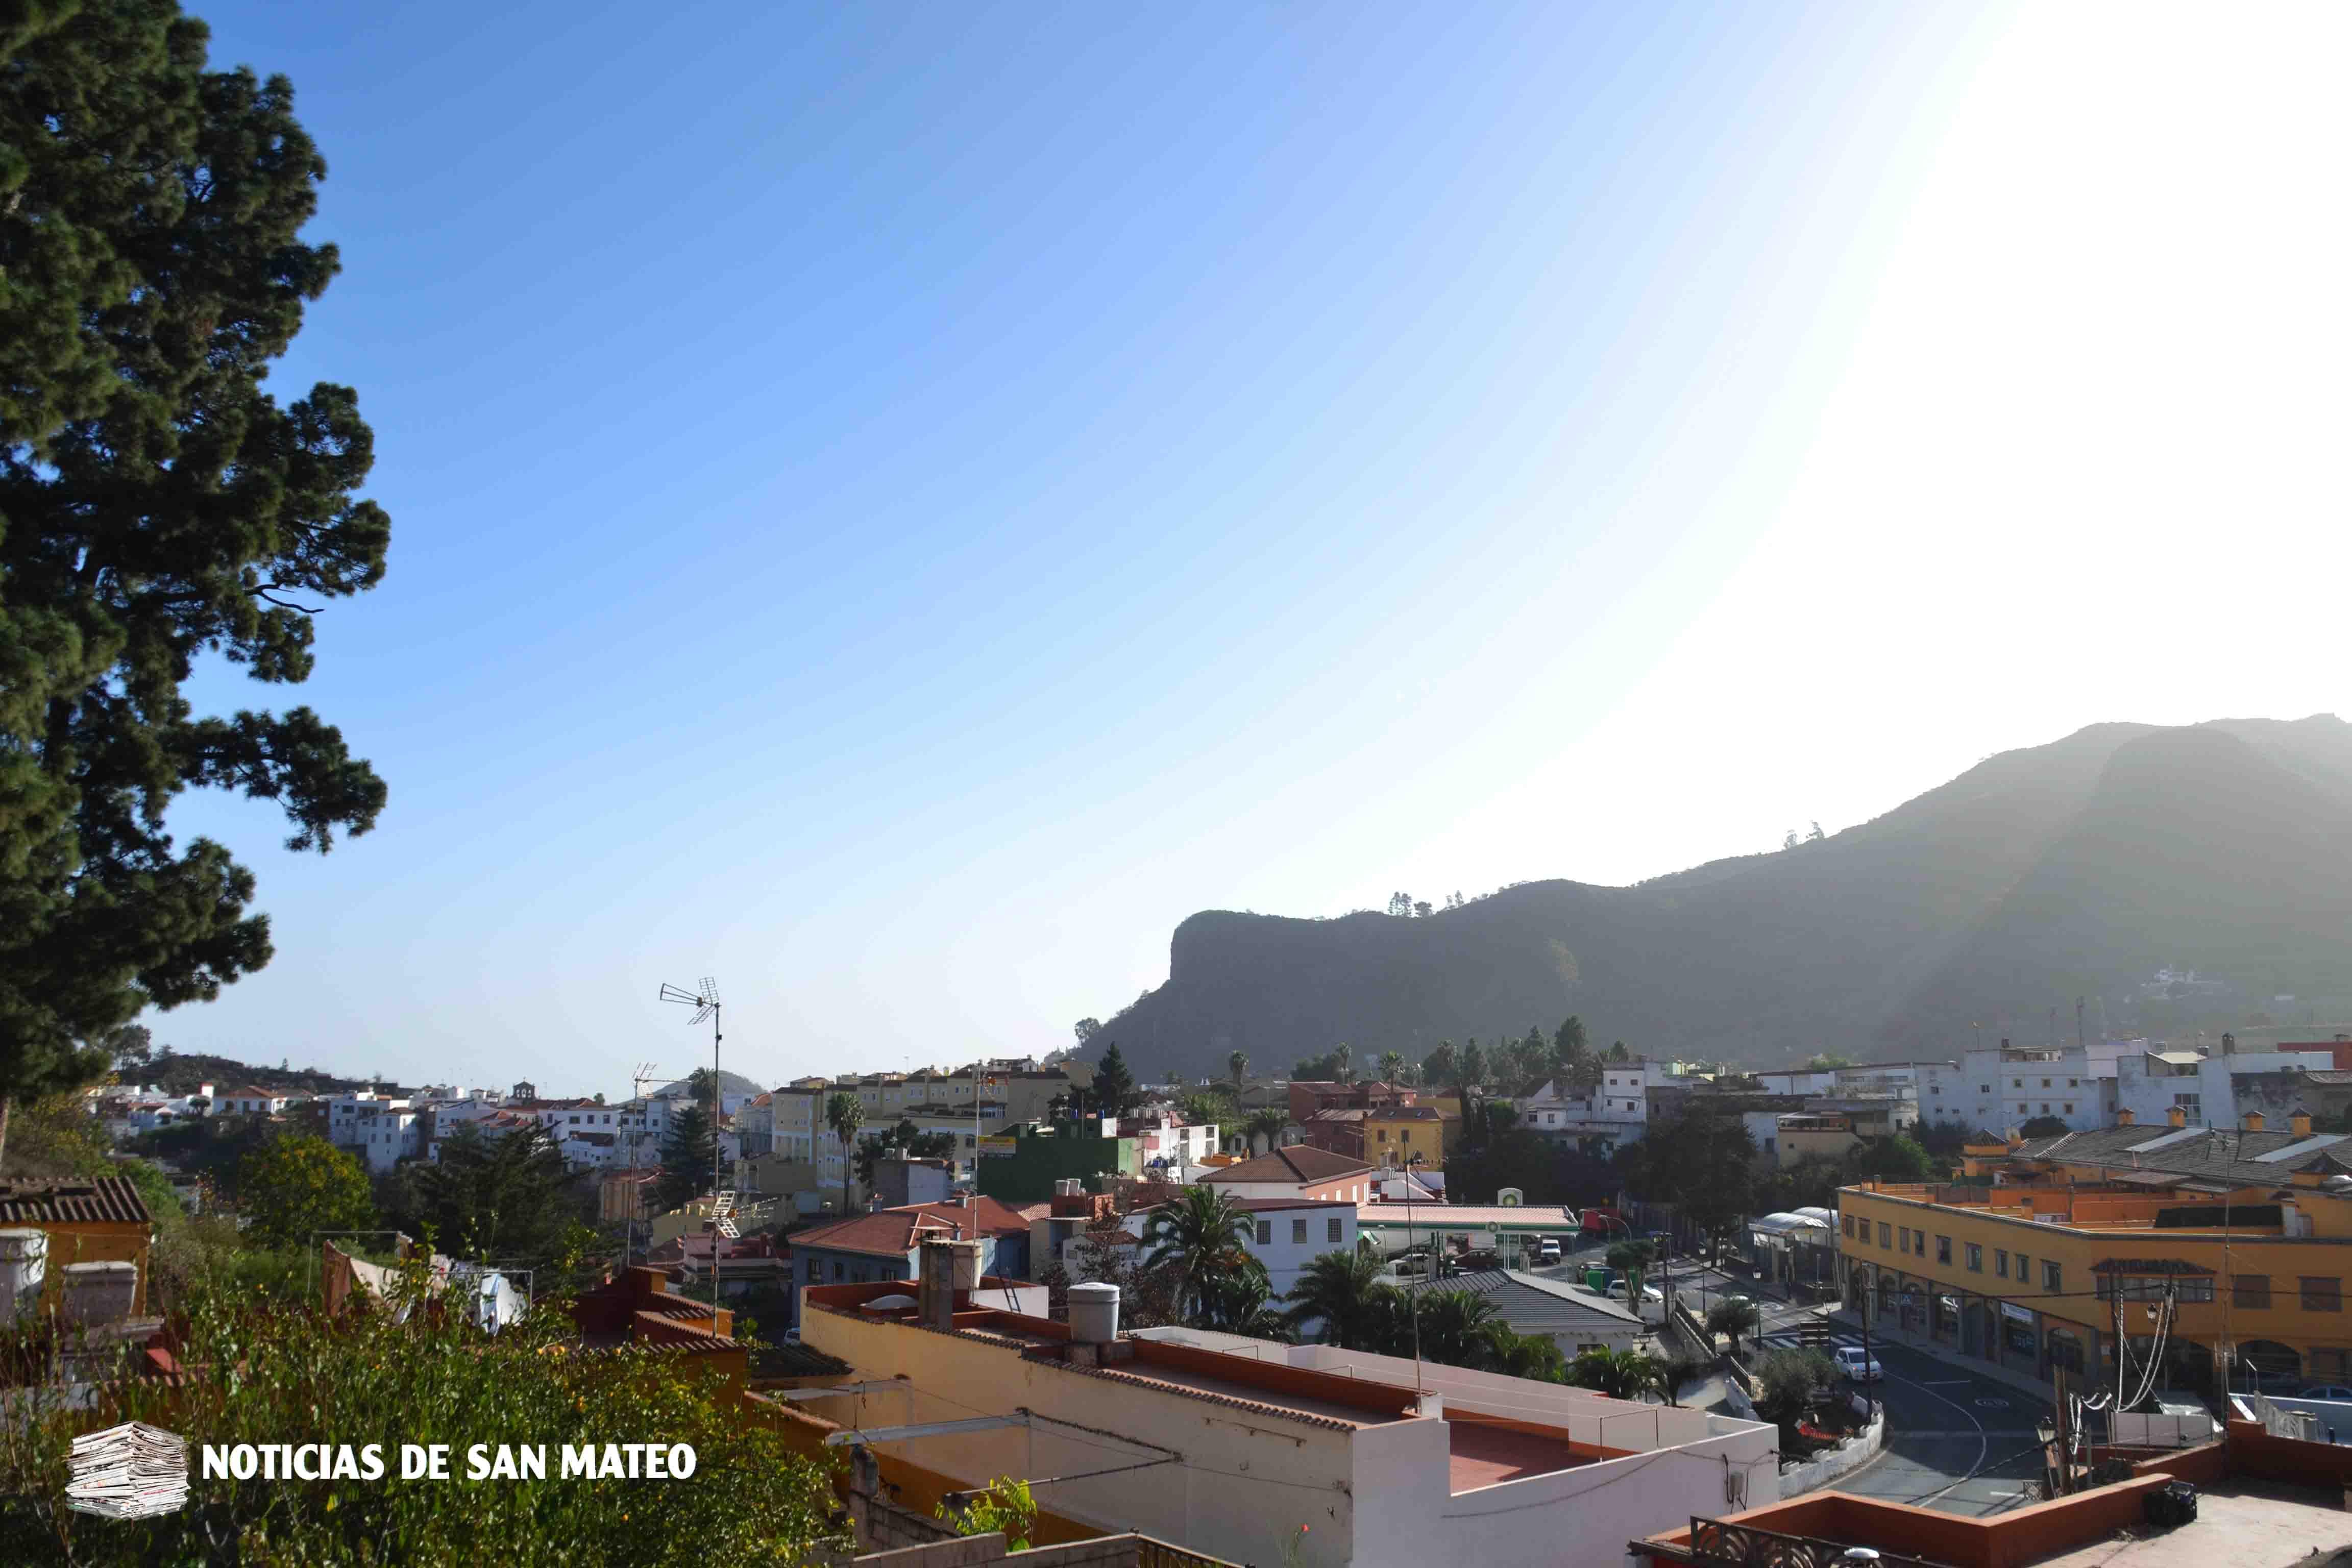 Calima en San Mateo 5 diciembre de 2017 Foto Laura Miranda Noticias de San Mateo